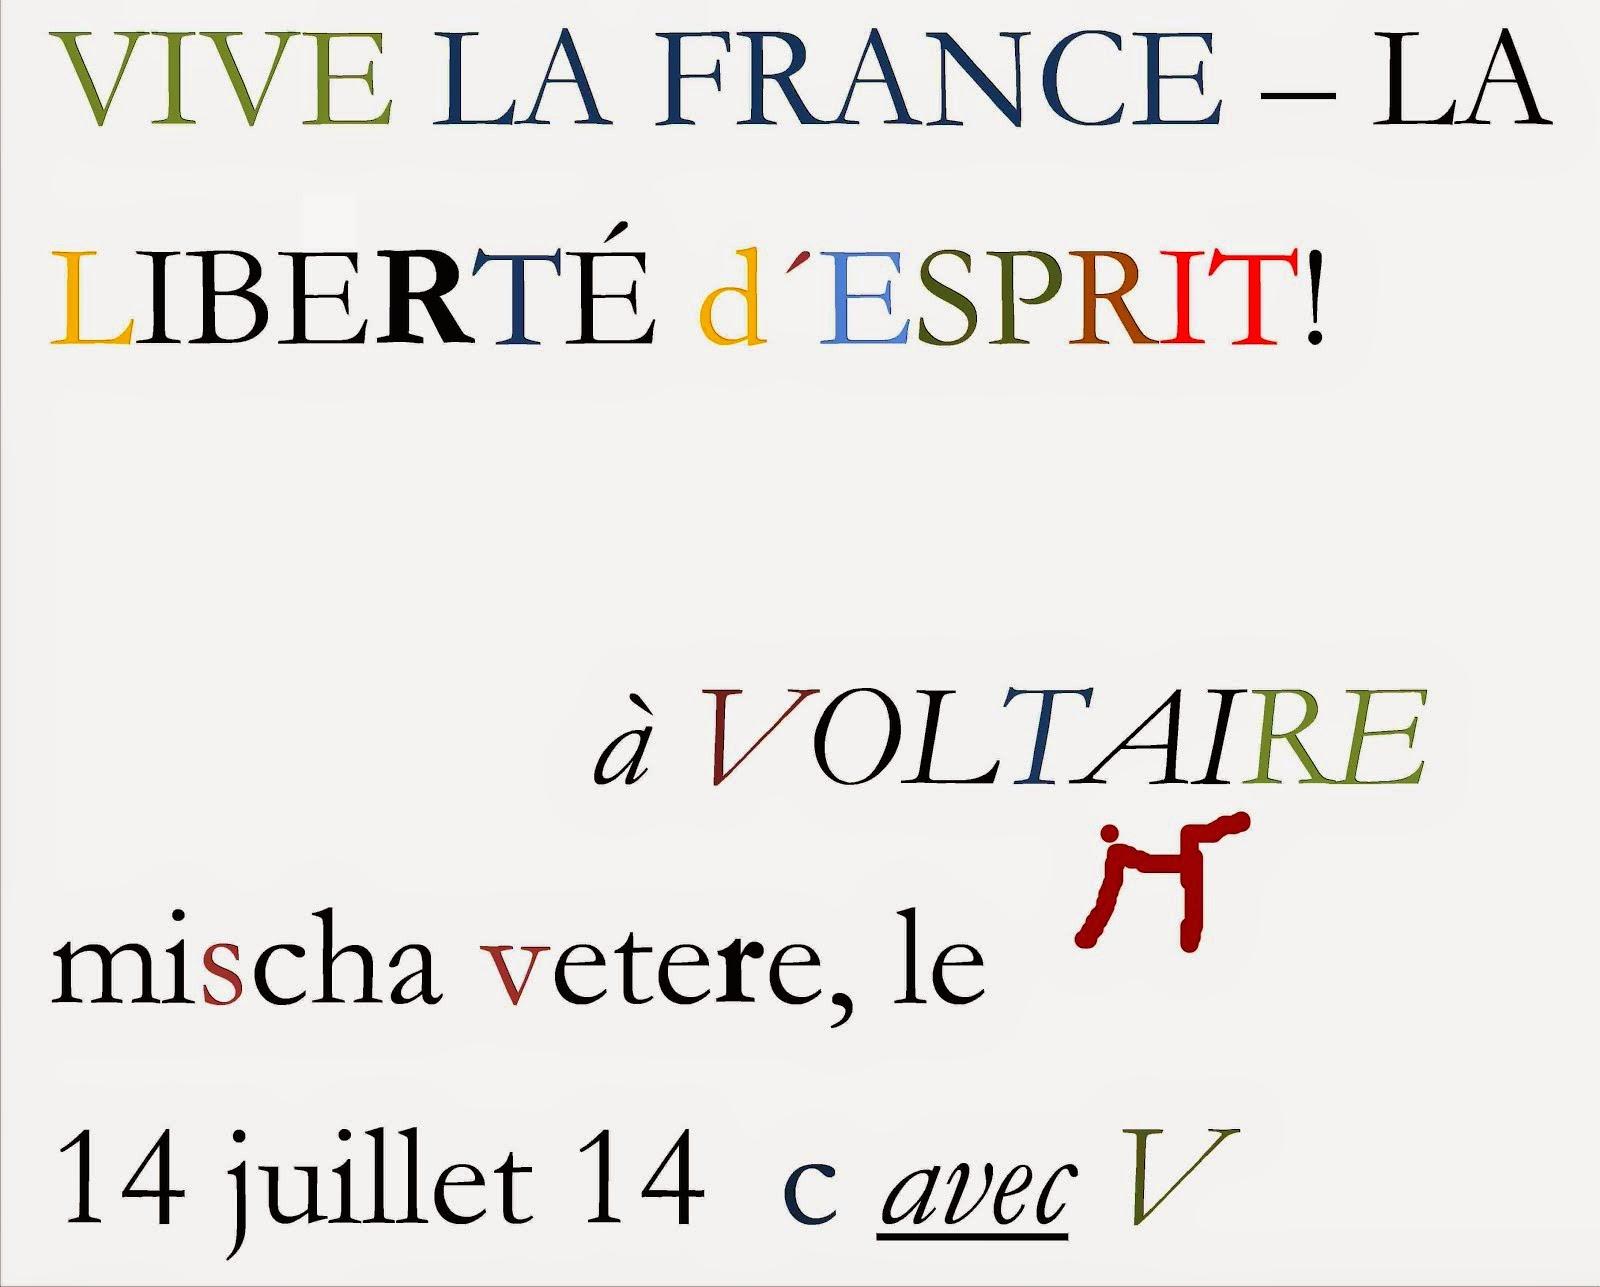 LA RÉVOLUTION MENTALE mischa vetere, le 14 juillet 1791